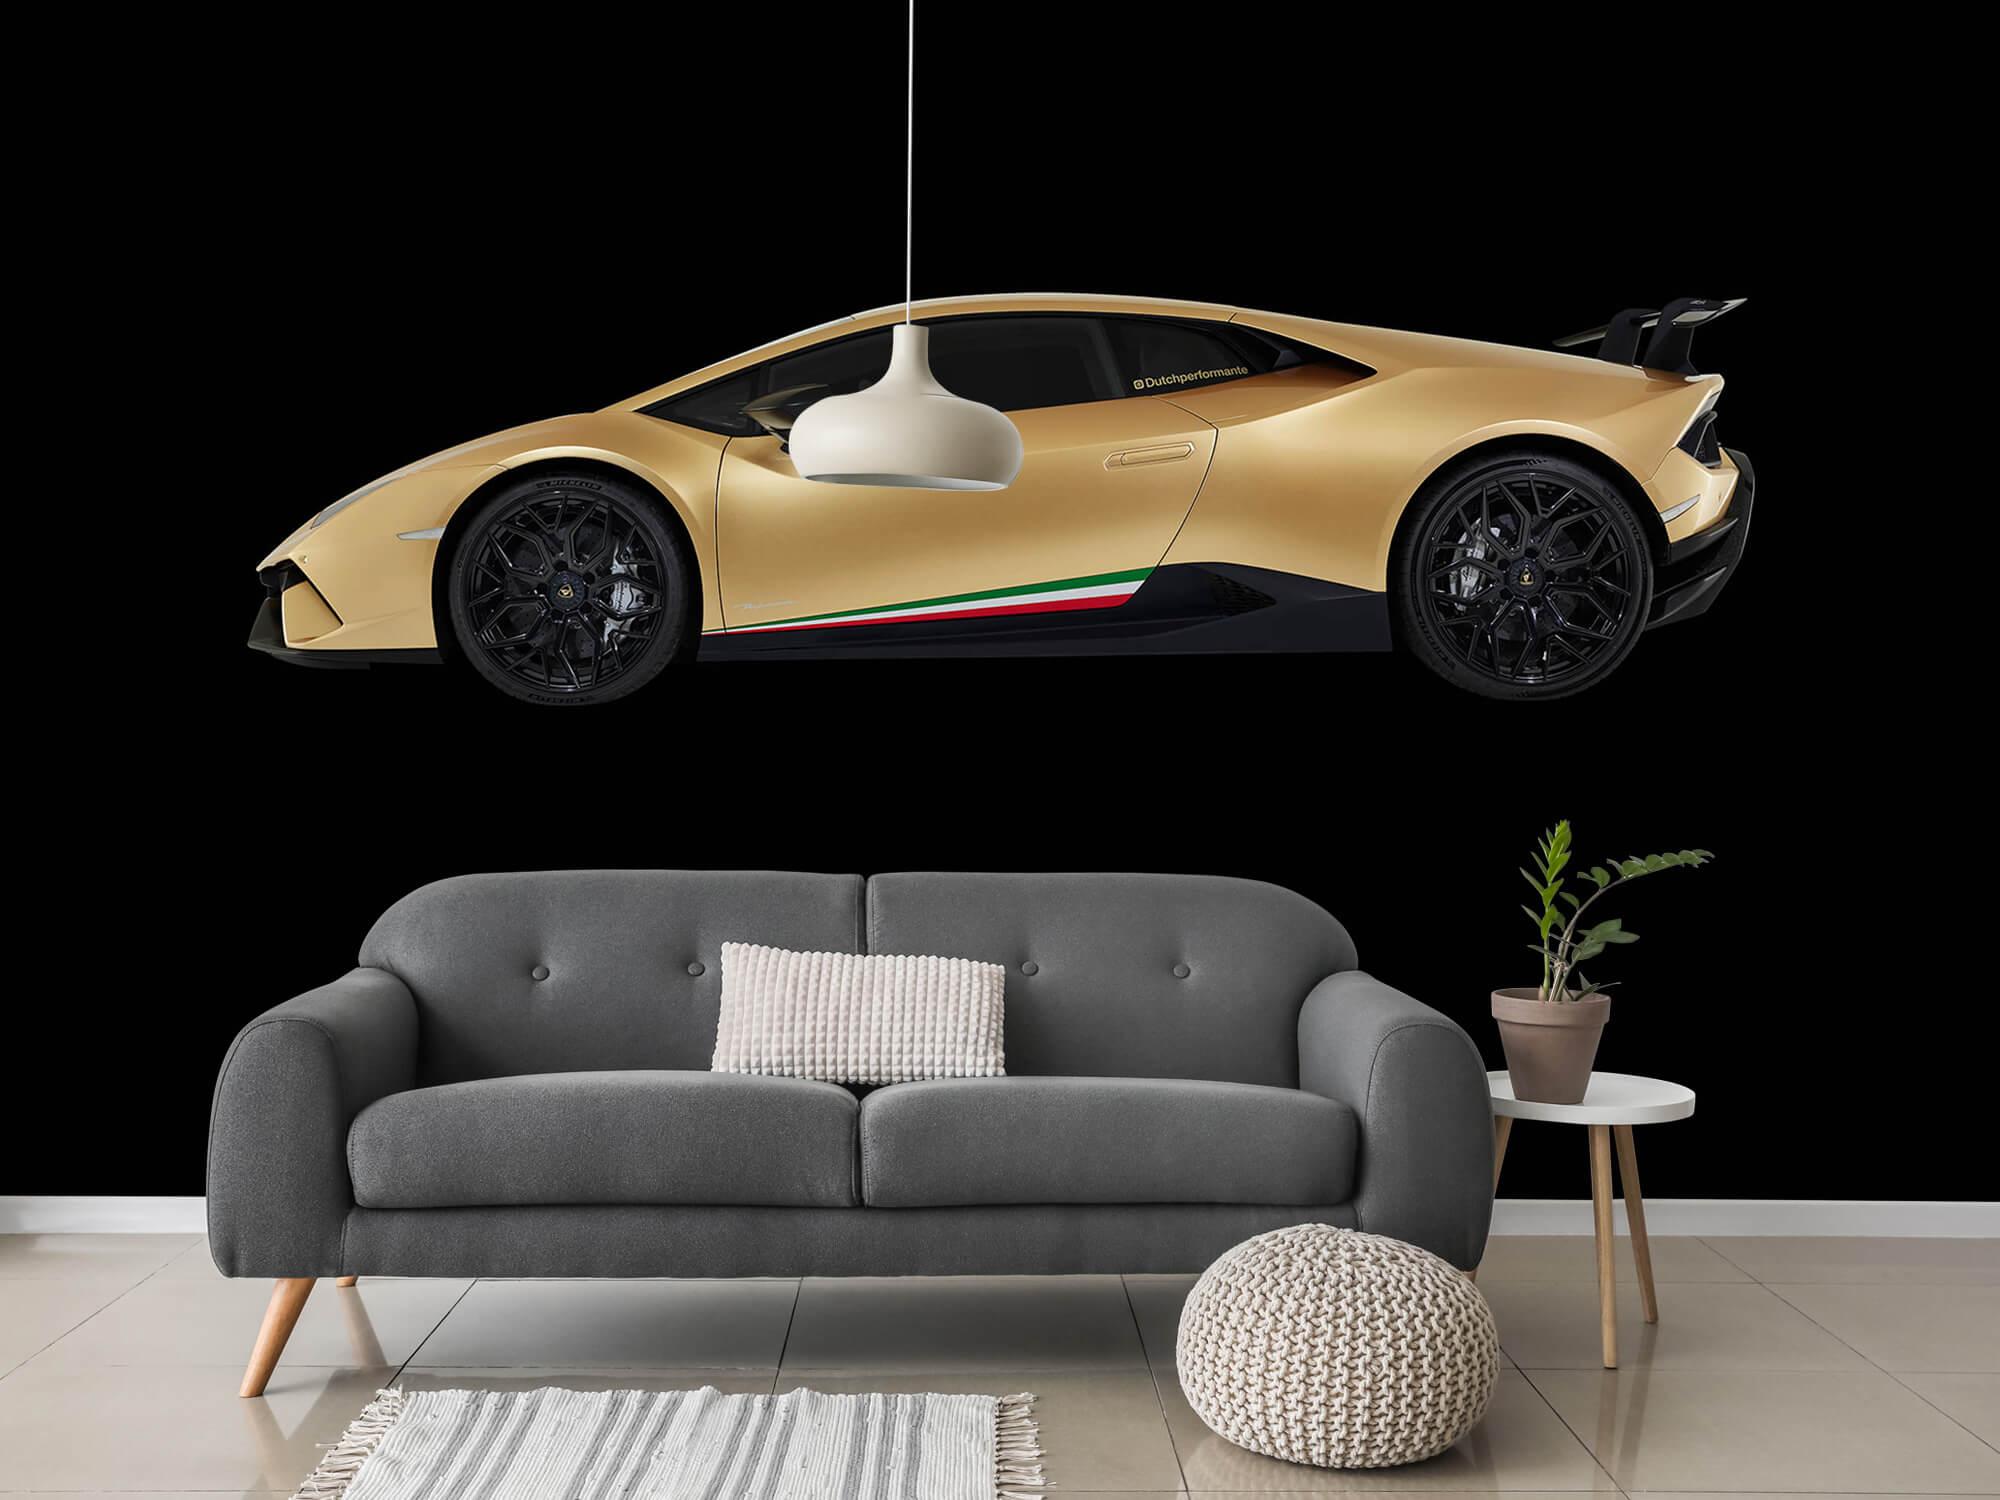 Wallpaper Lamborghini Huracán - Sida, svart 15